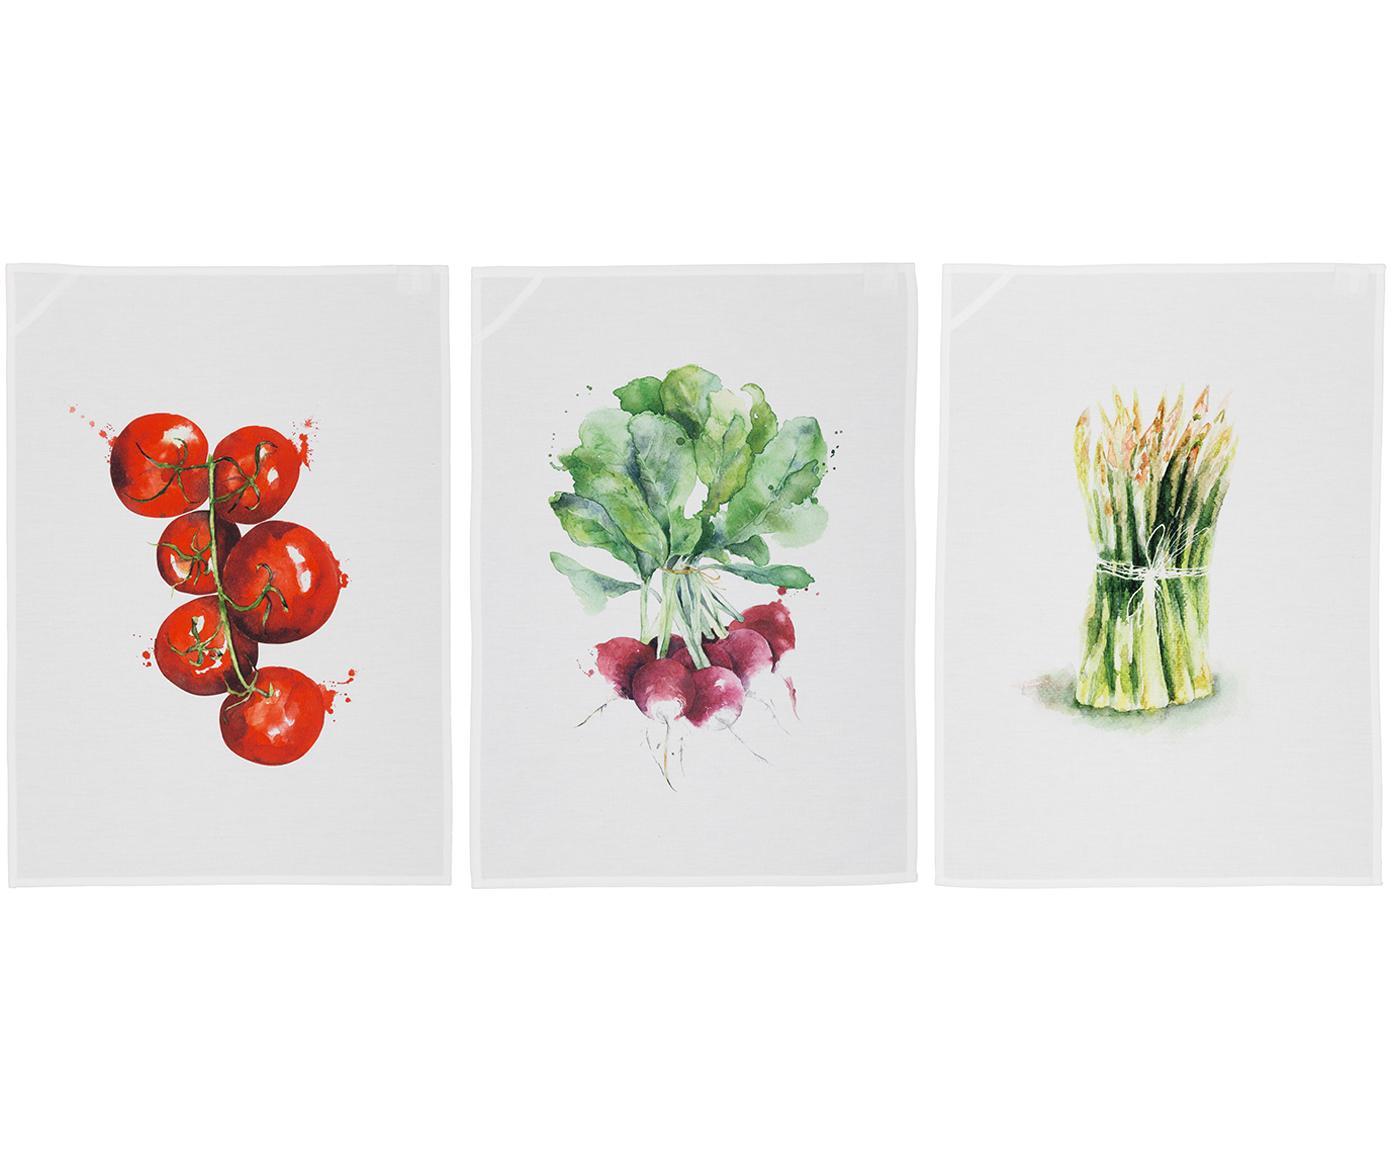 Set canovacci Marchè, 3 pz., Bianco, verde, rosso, P 50 x L 70 cm